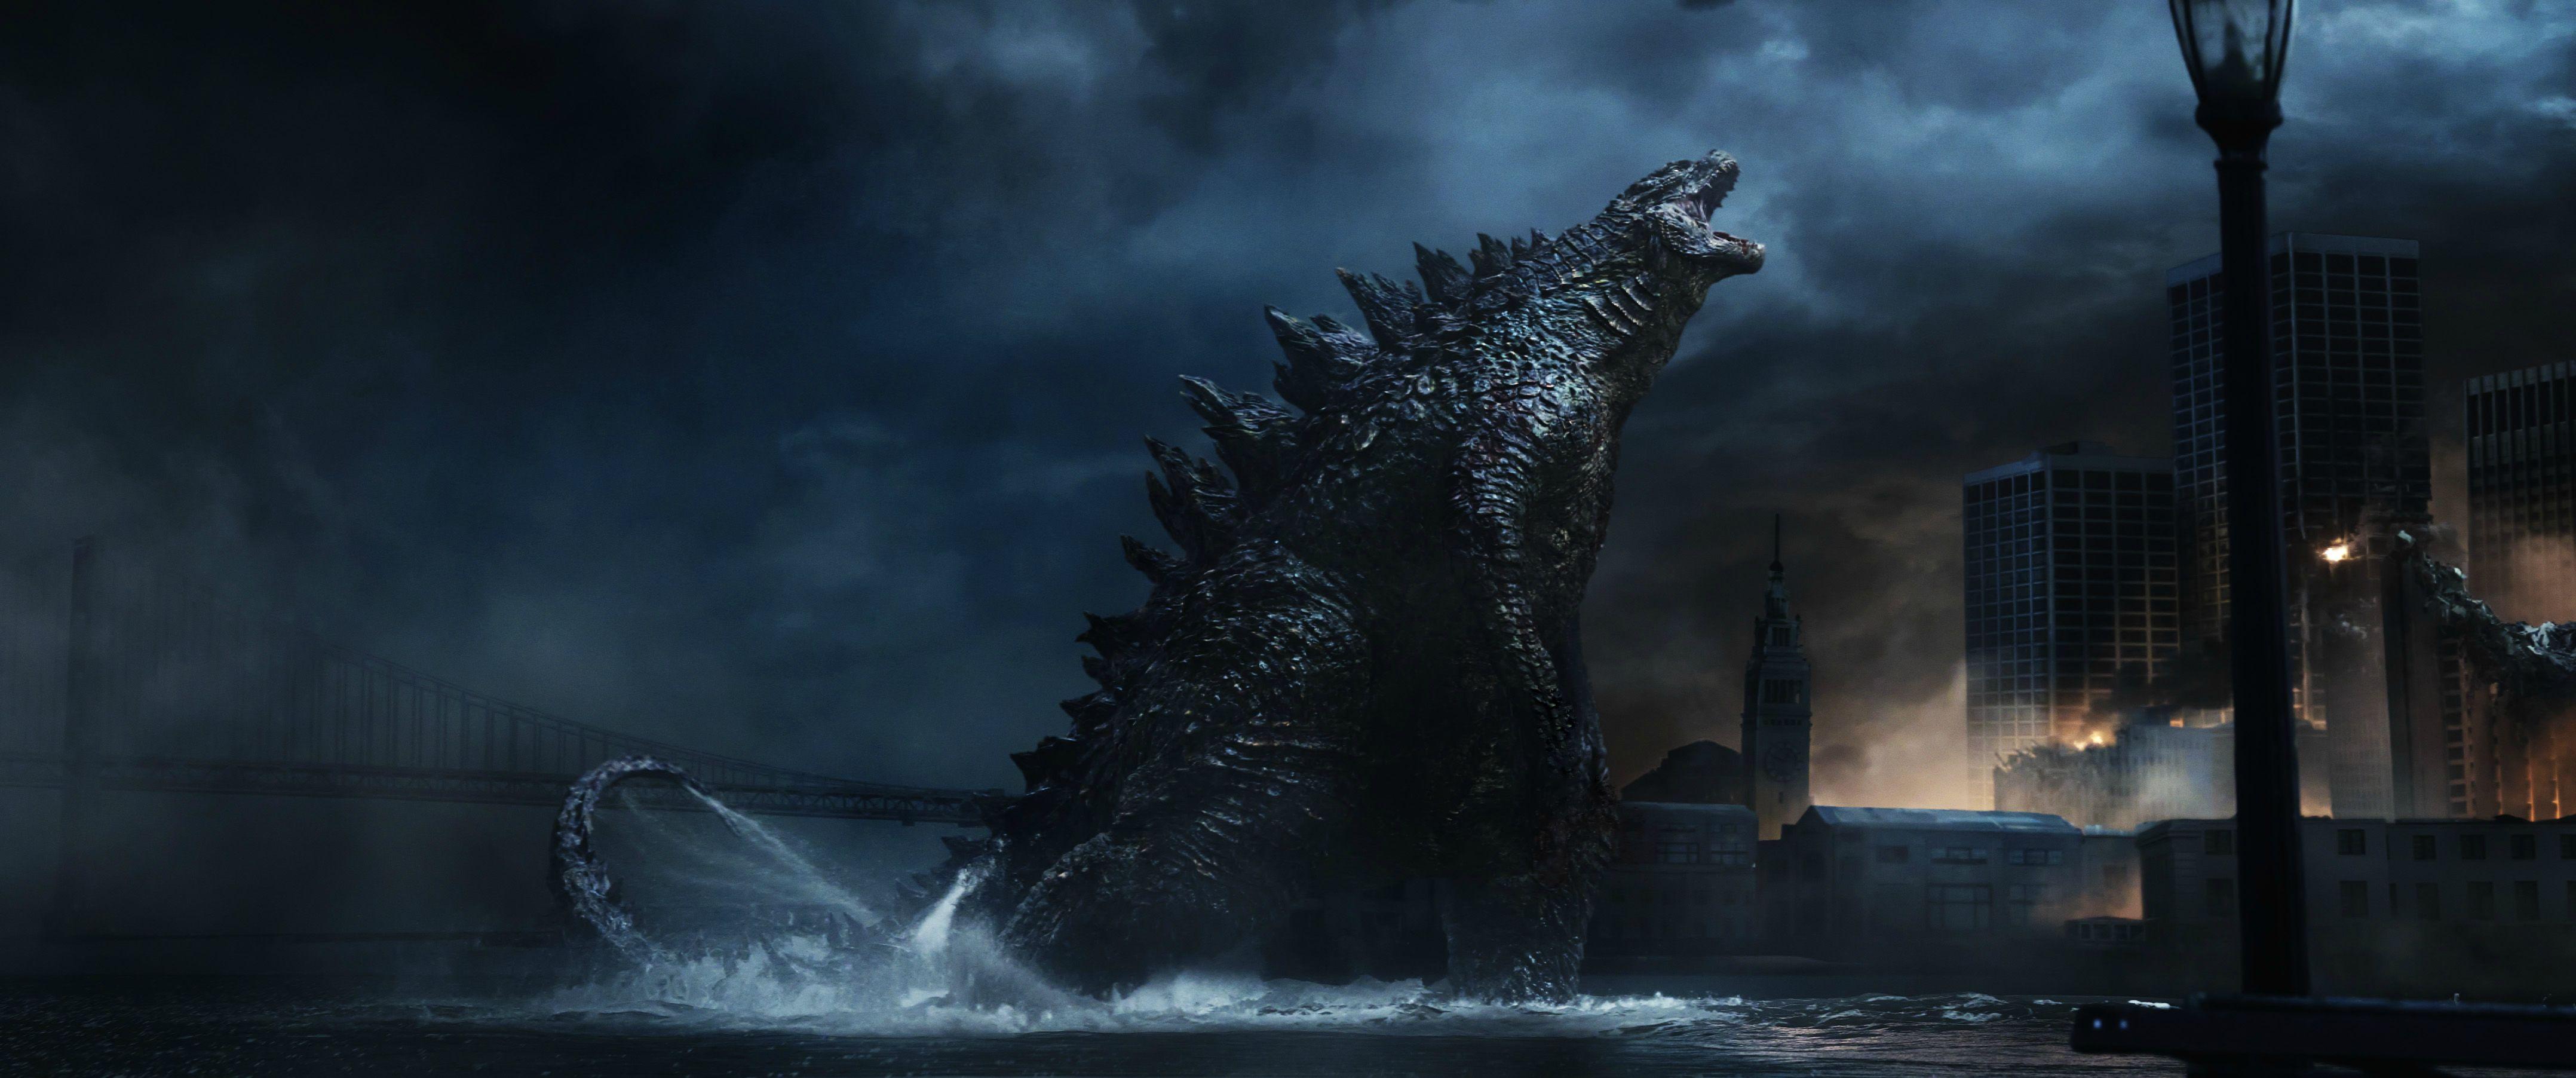 The Underrated Terror of 2014's Polarizing 'Godzilla' - VICE